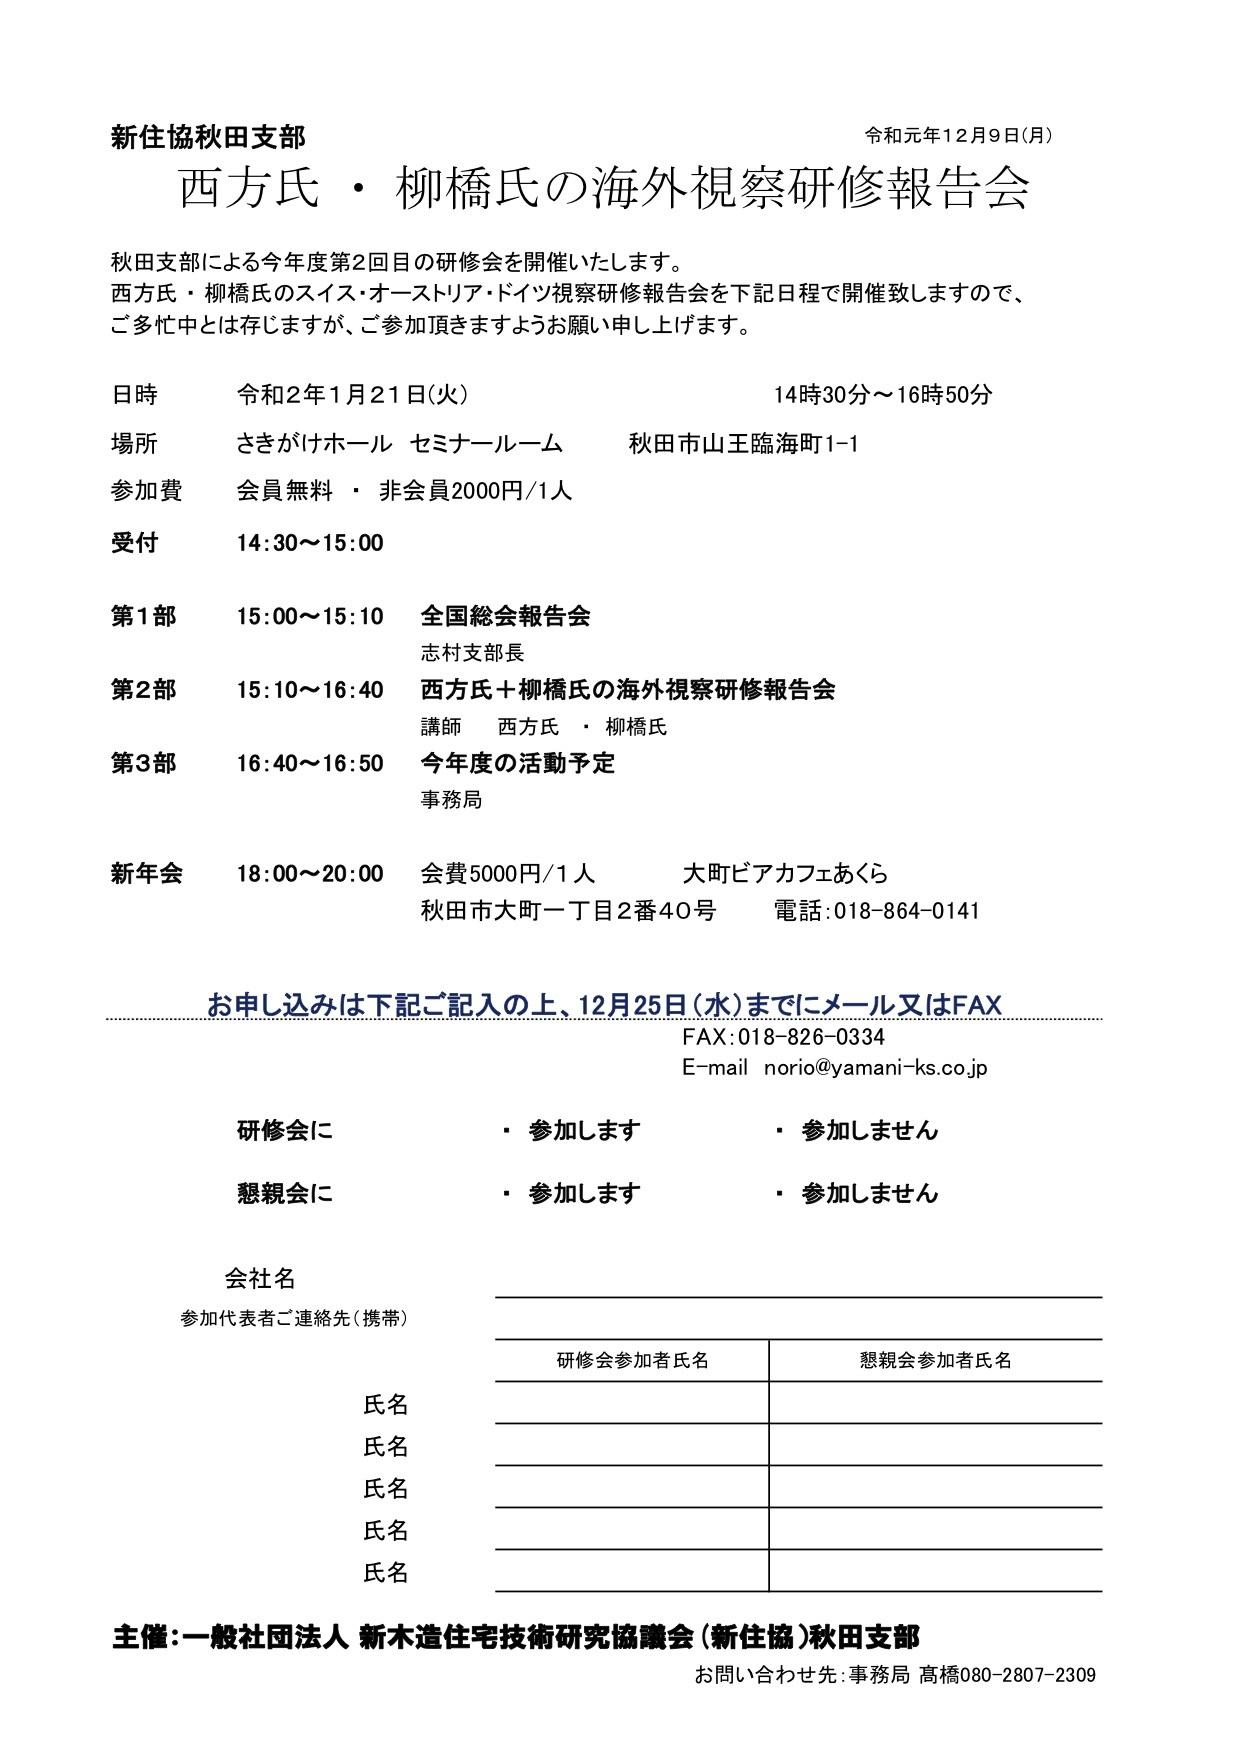 新住協秋田支部:西方氏 ・ 柳橋氏の海外視察研修報告会_e0054299_23215608.jpg